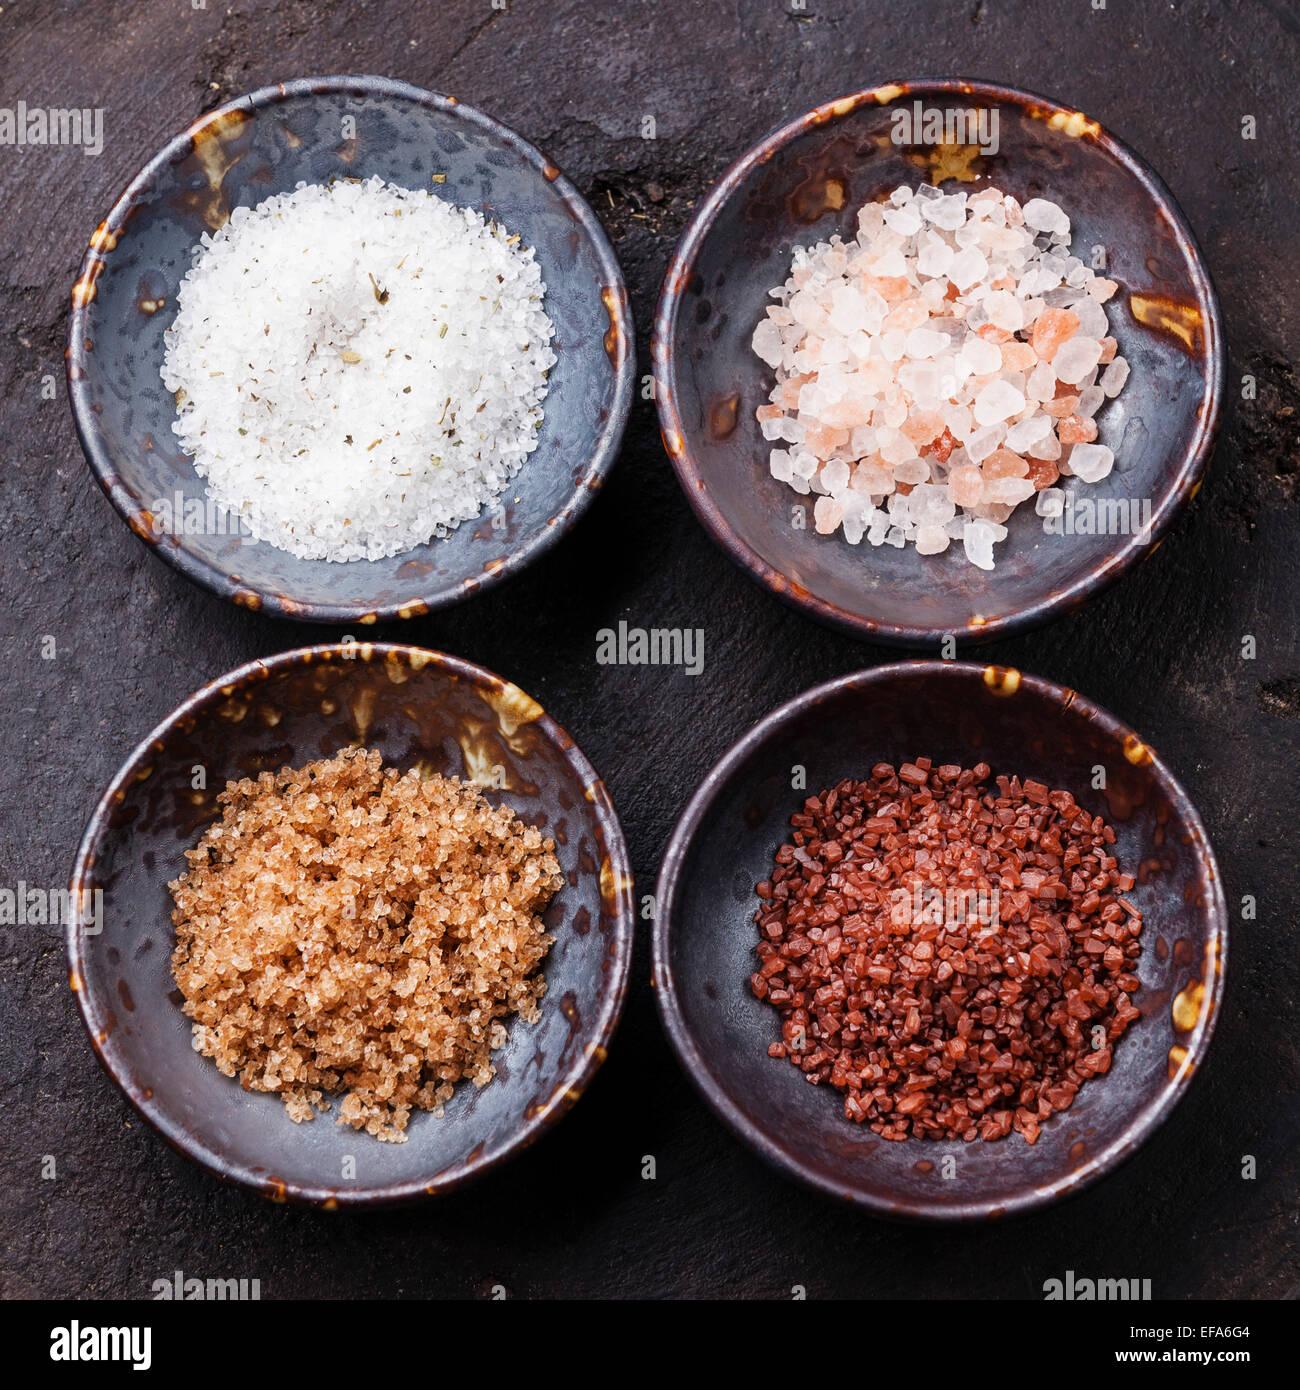 Verschiedene Arten von Lebensmitteln grobes Salz in Keramikschalen auf dunklem Hintergrund Stockbild